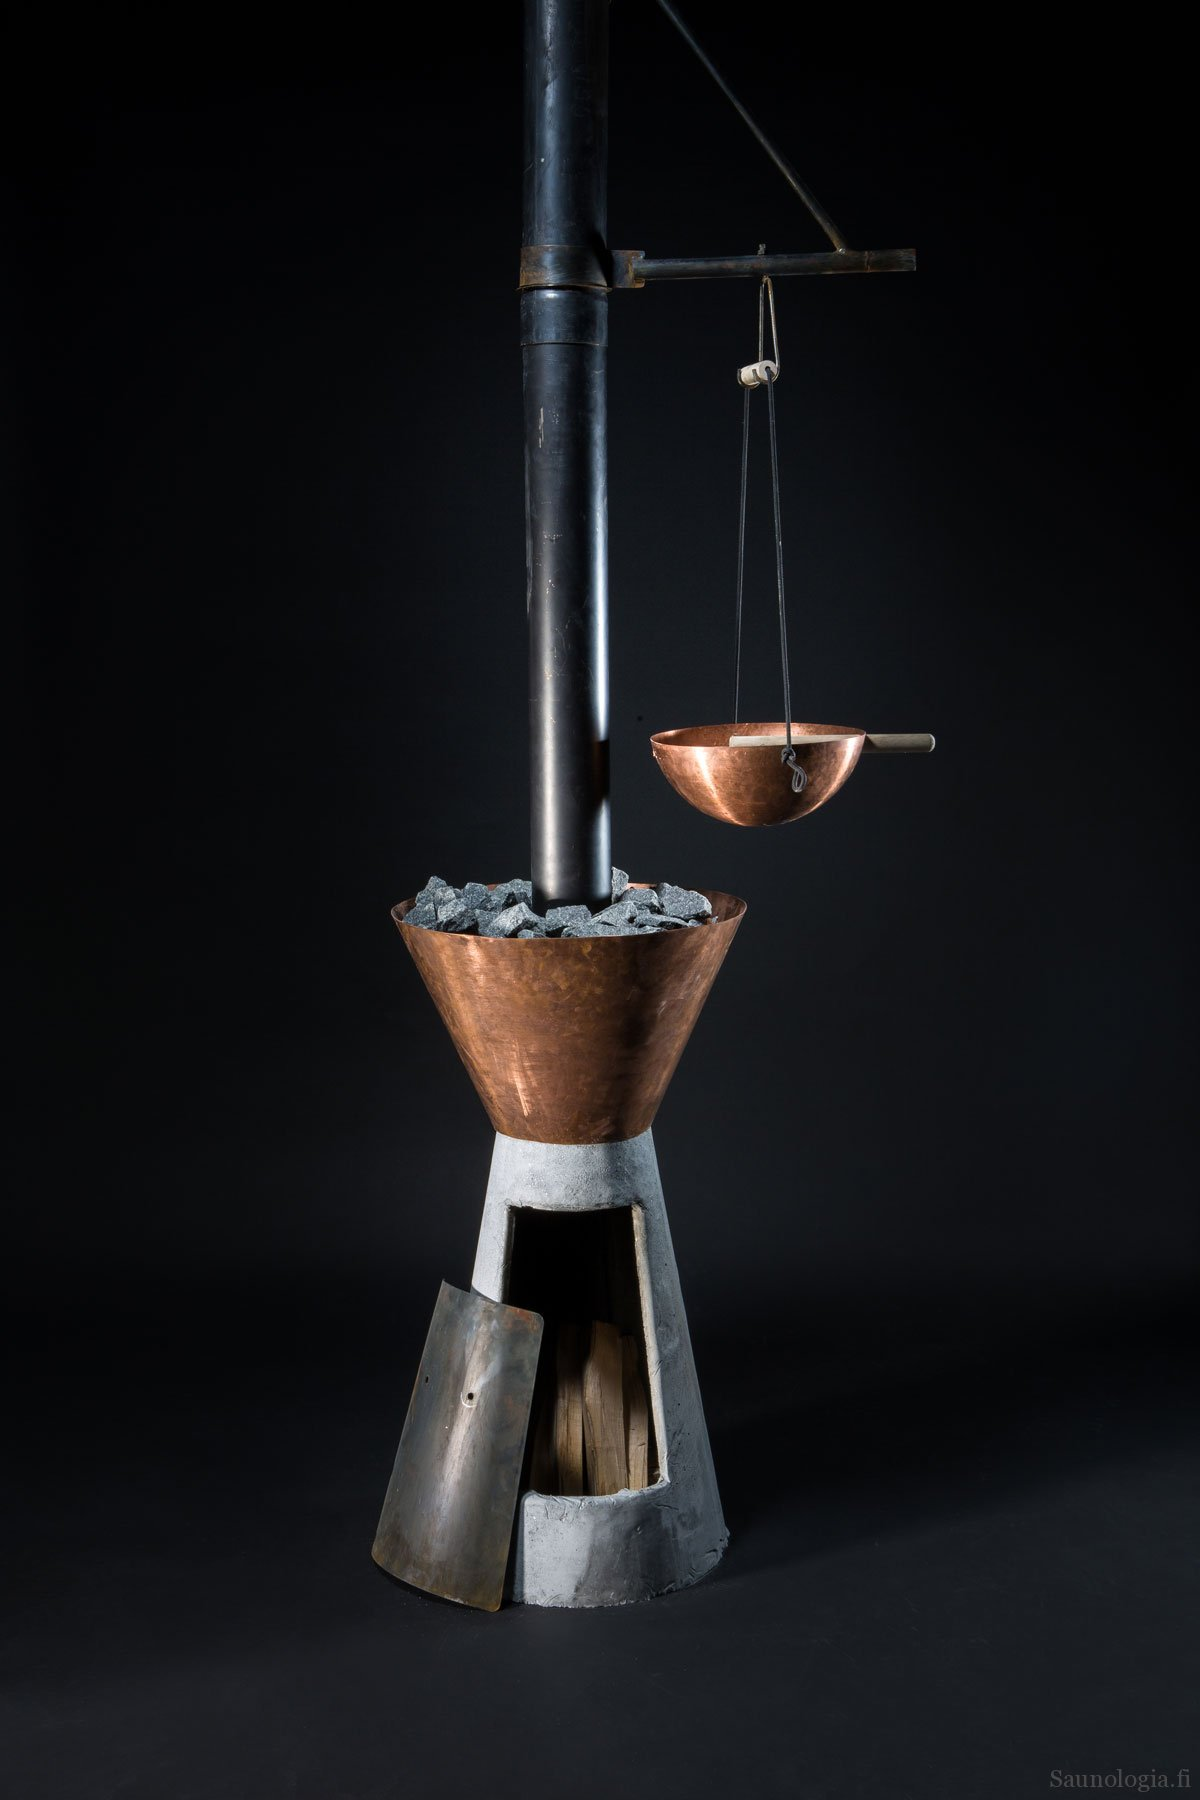 170915-forms-from-steam-Pierre-Blandeau_JAKAA